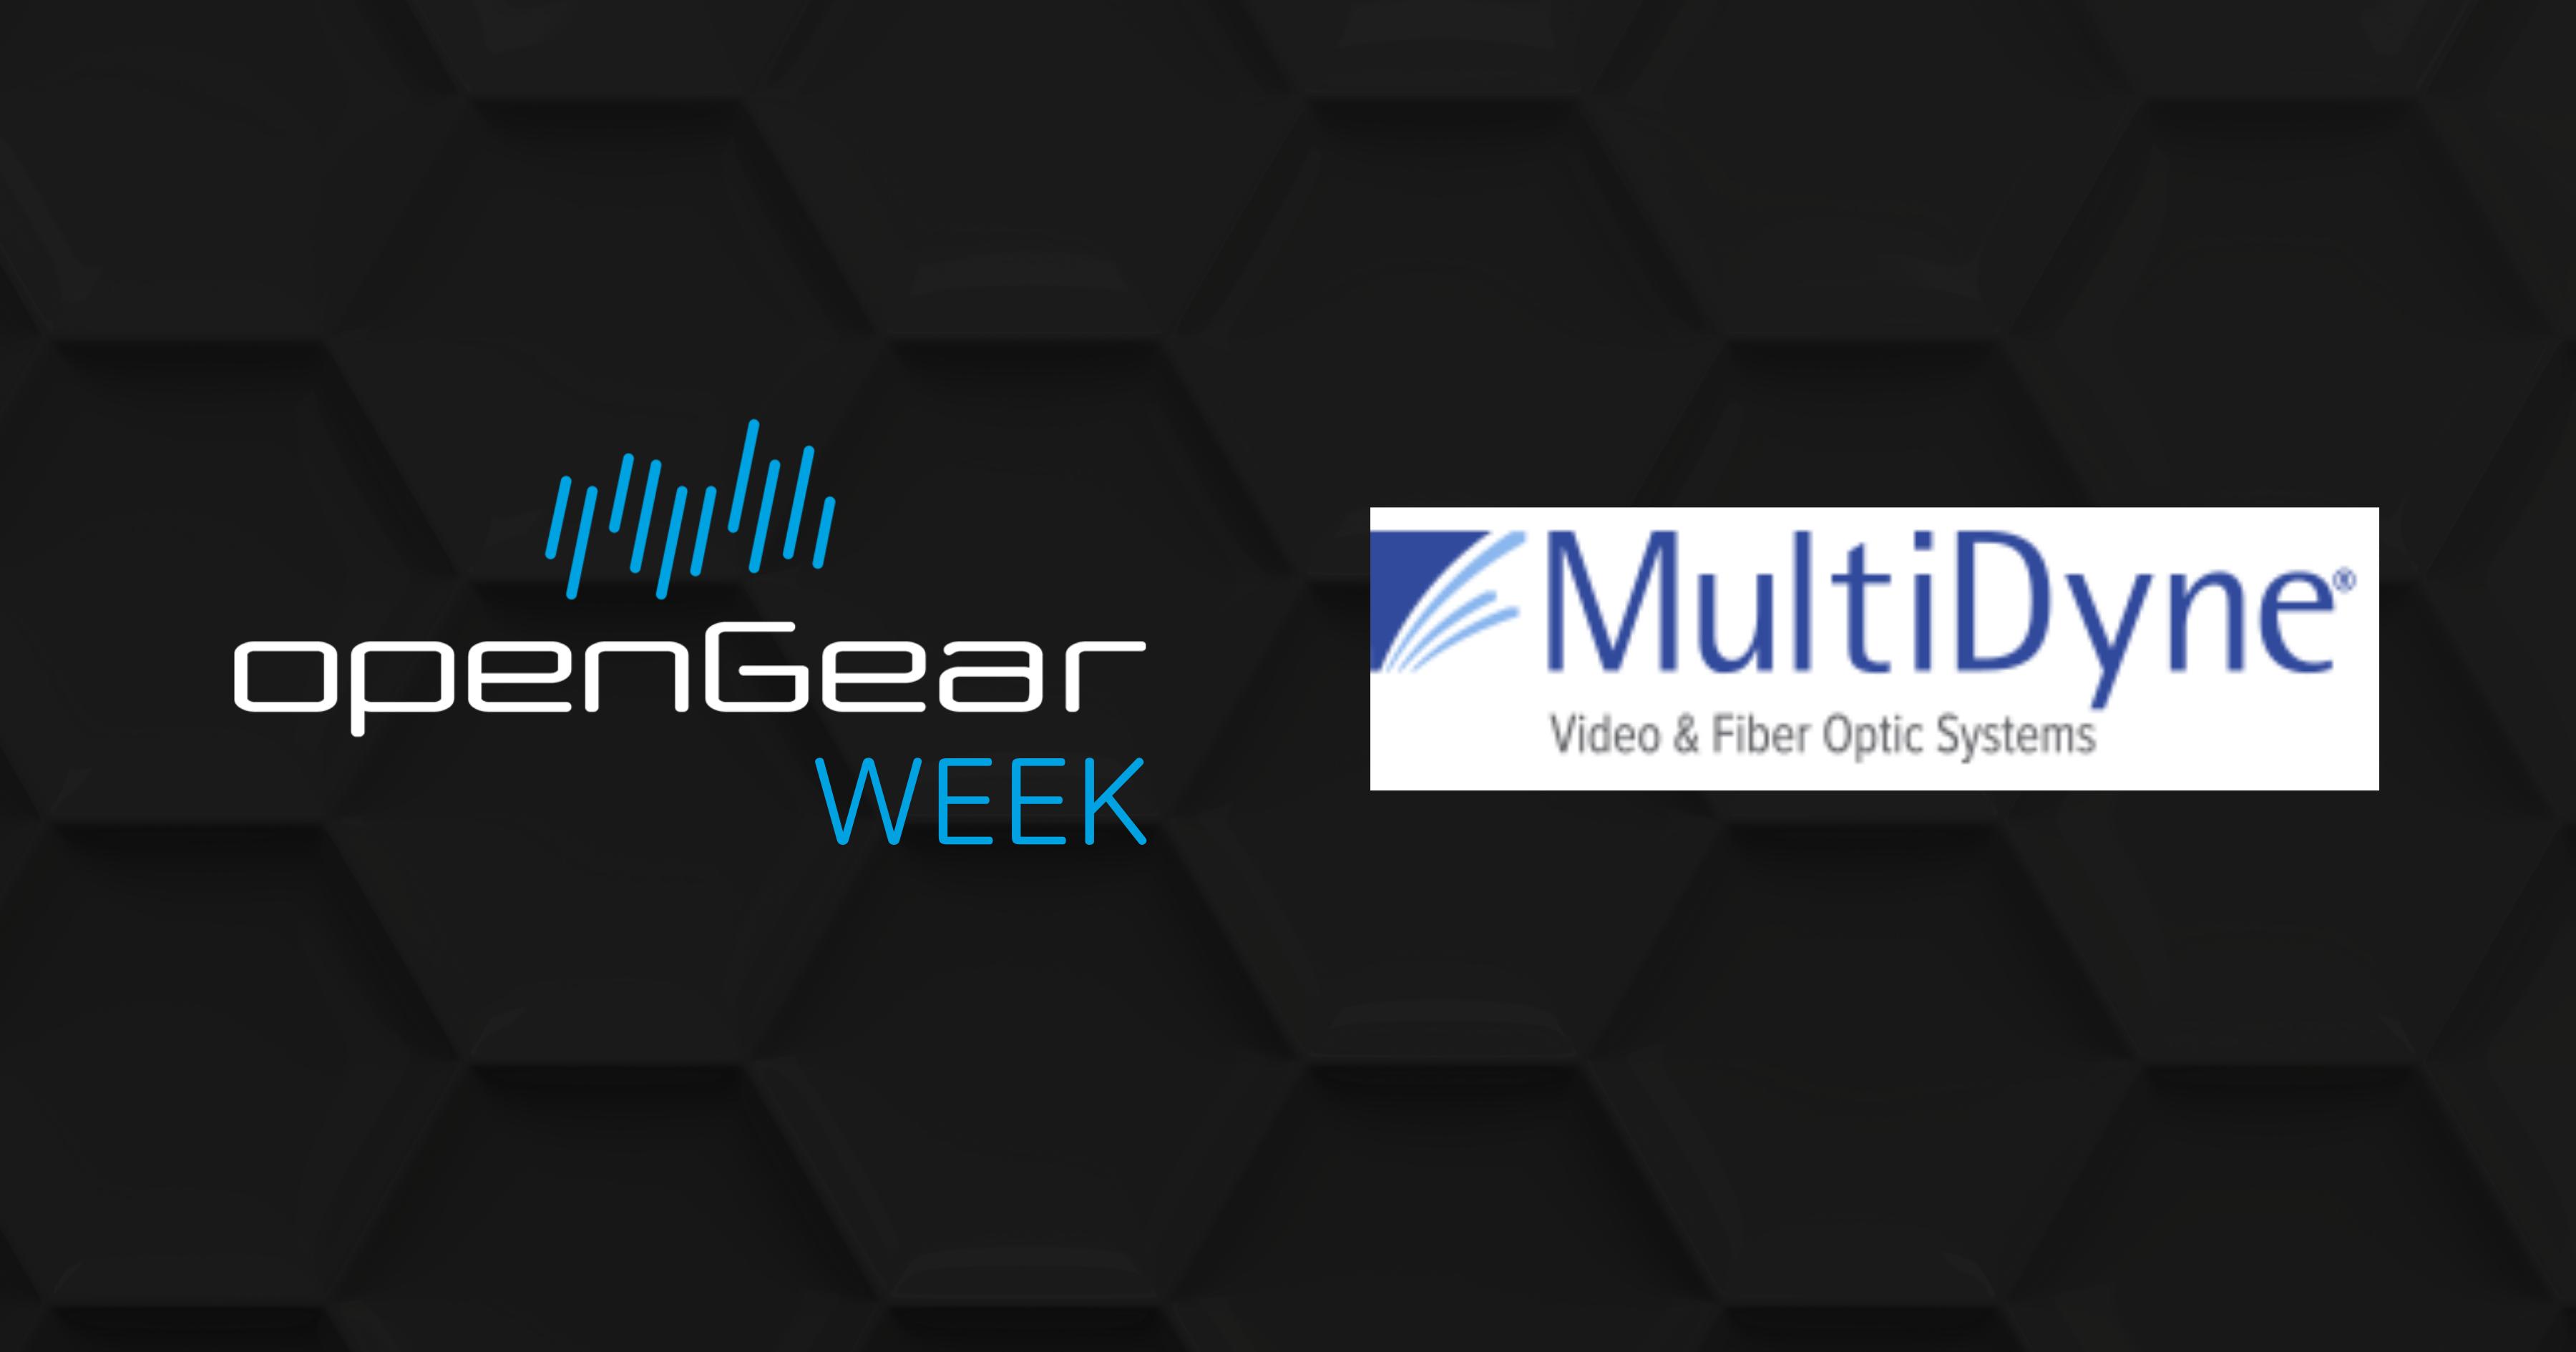 MultiDyne openGear